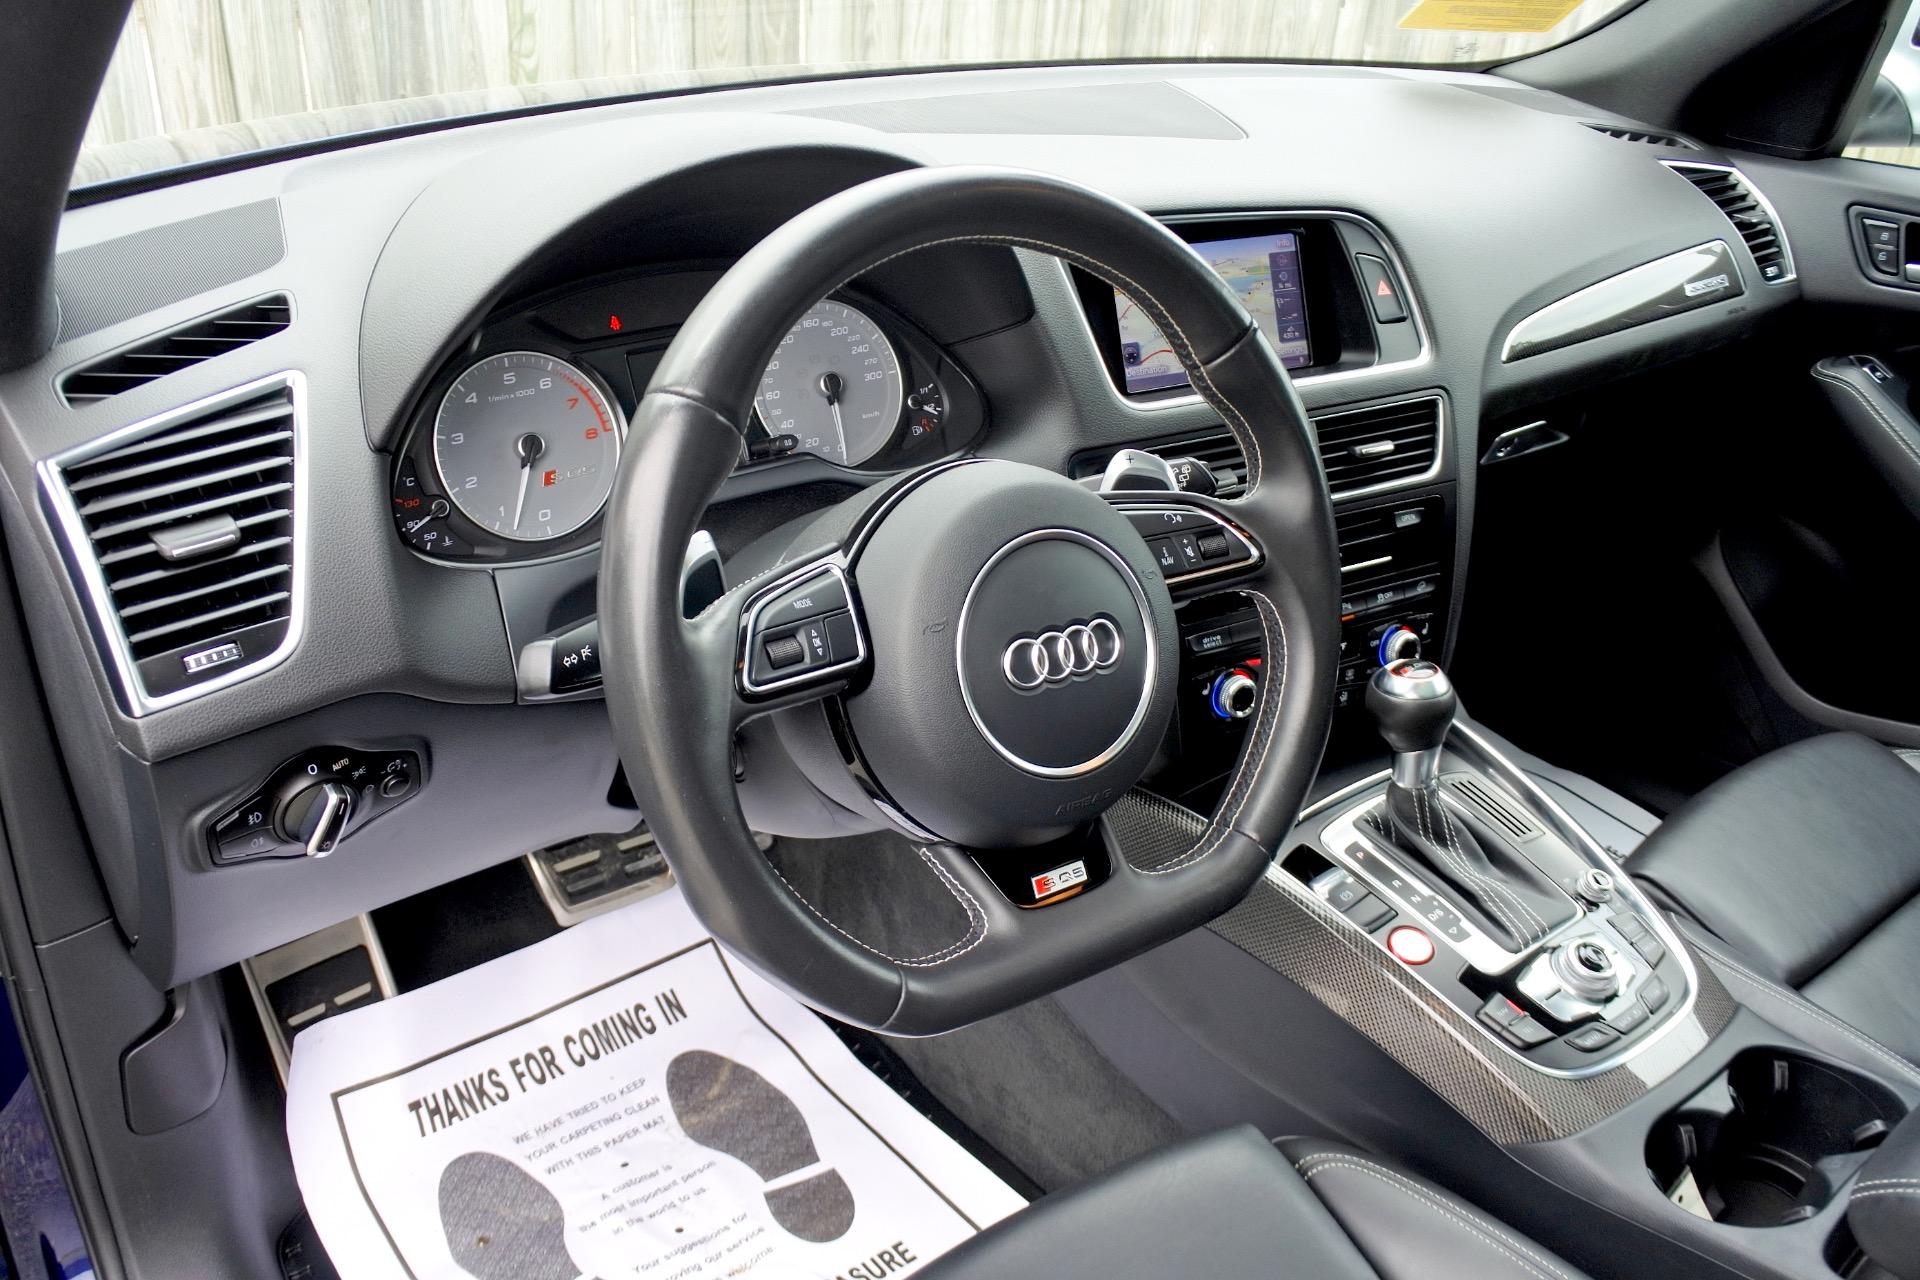 Used 2014 Audi Sq5 3.0 Quattro Used 2014 Audi Sq5 3.0 Quattro for sale  at Metro West Motorcars LLC in Shrewsbury MA 14